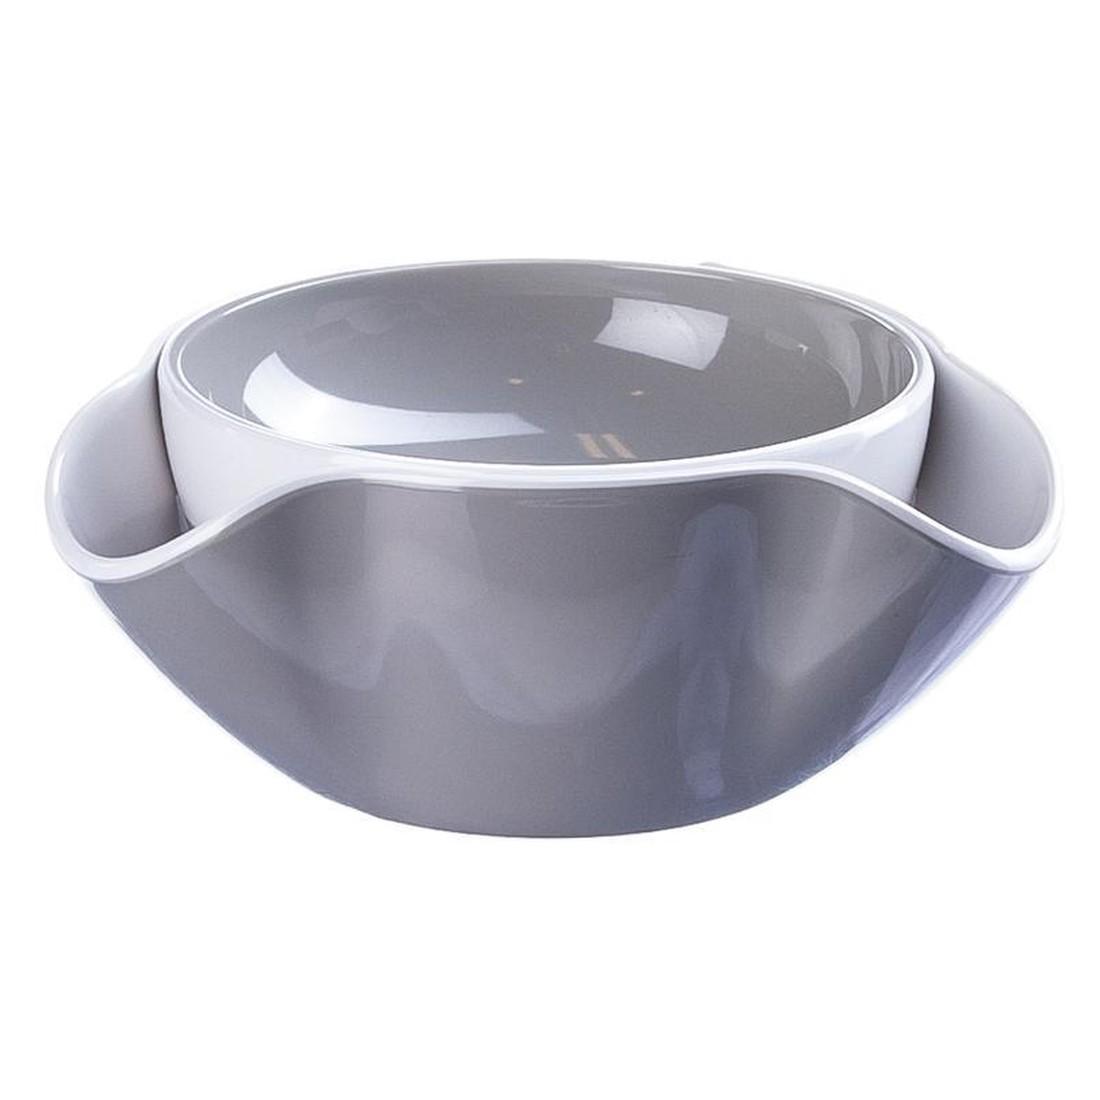 Servierschale Double Dish – Kunststoff – Weiß/Stein, JOSEPH JOSEPH günstig